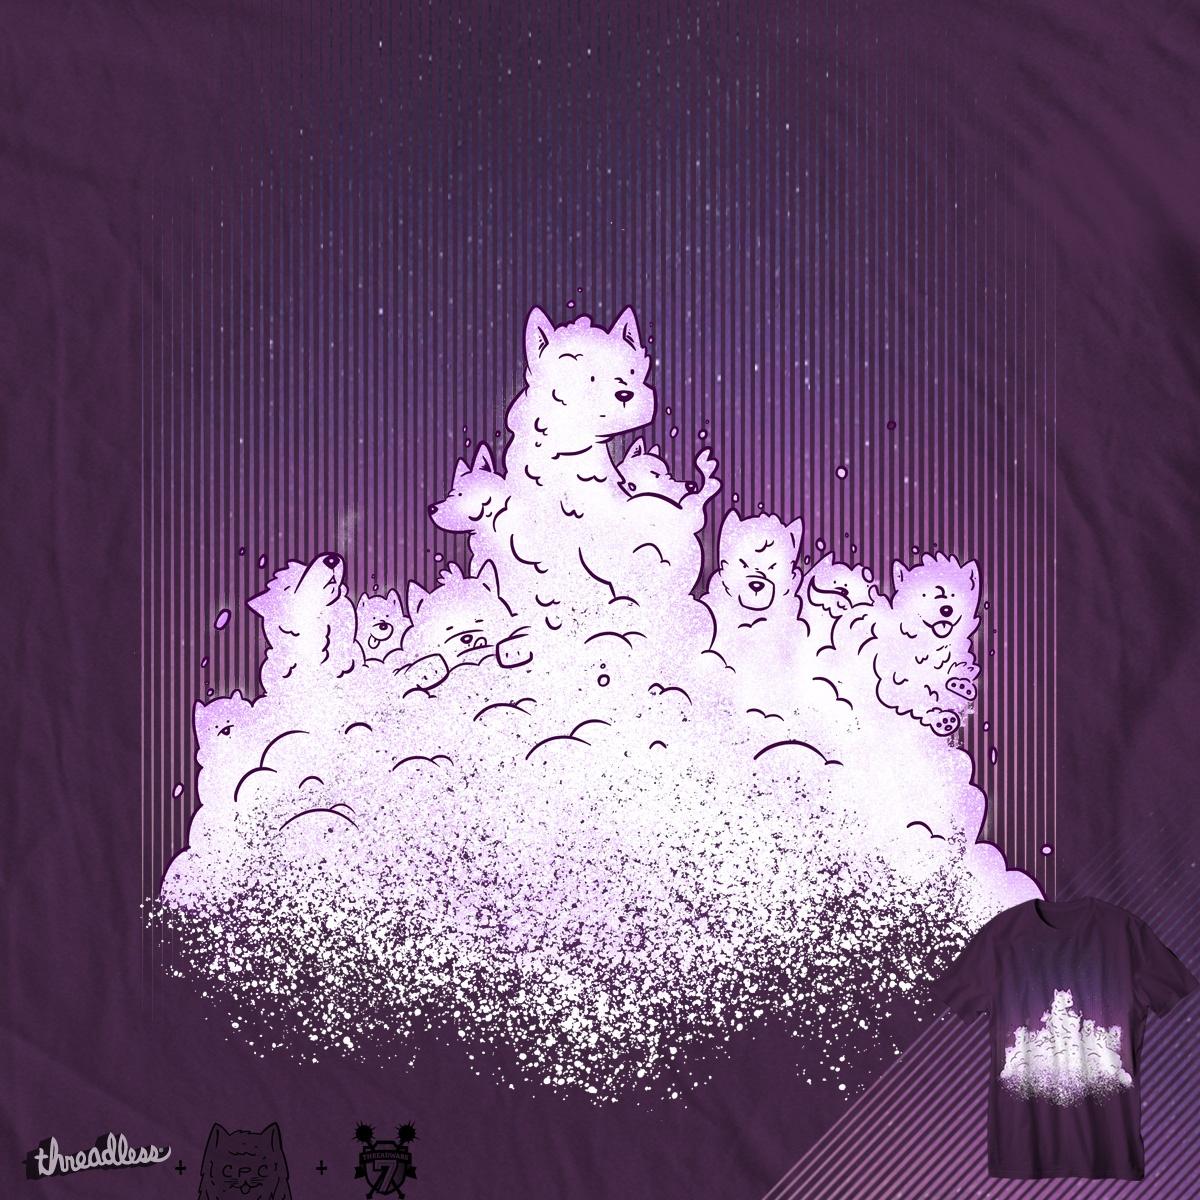 snow dogs by chuckpcomics on Threadless